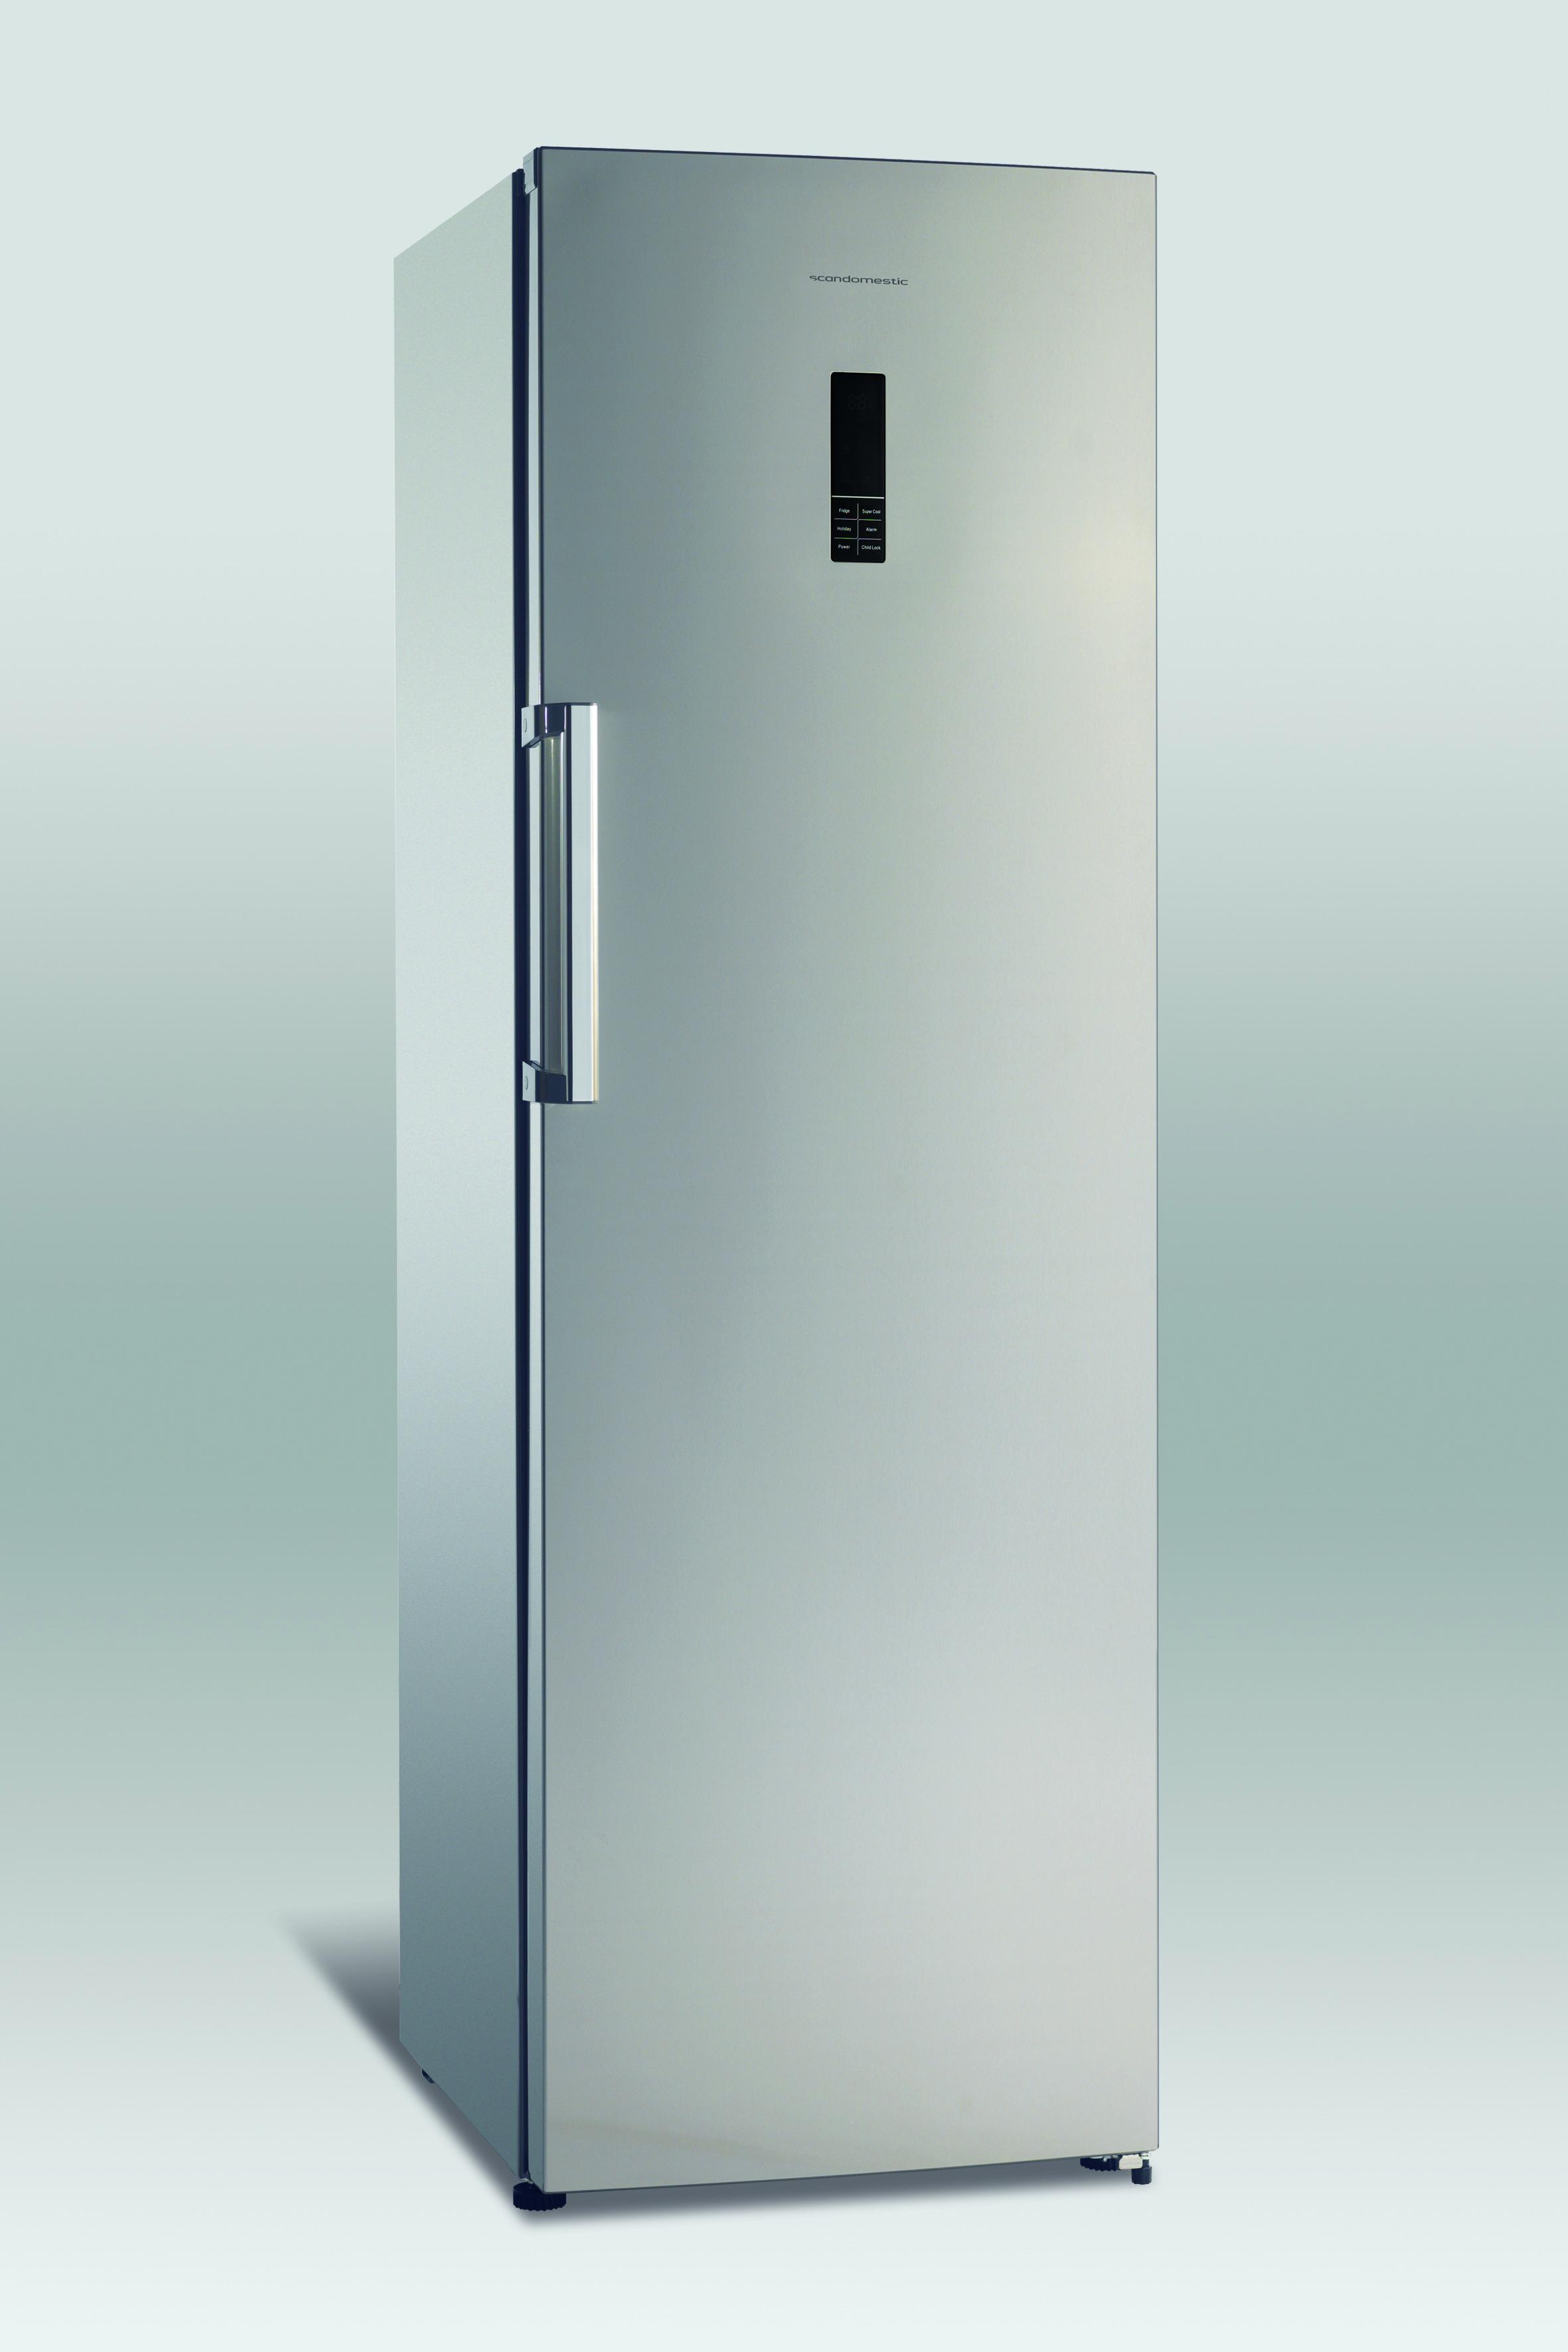 Külmik Scancool SKS450SS